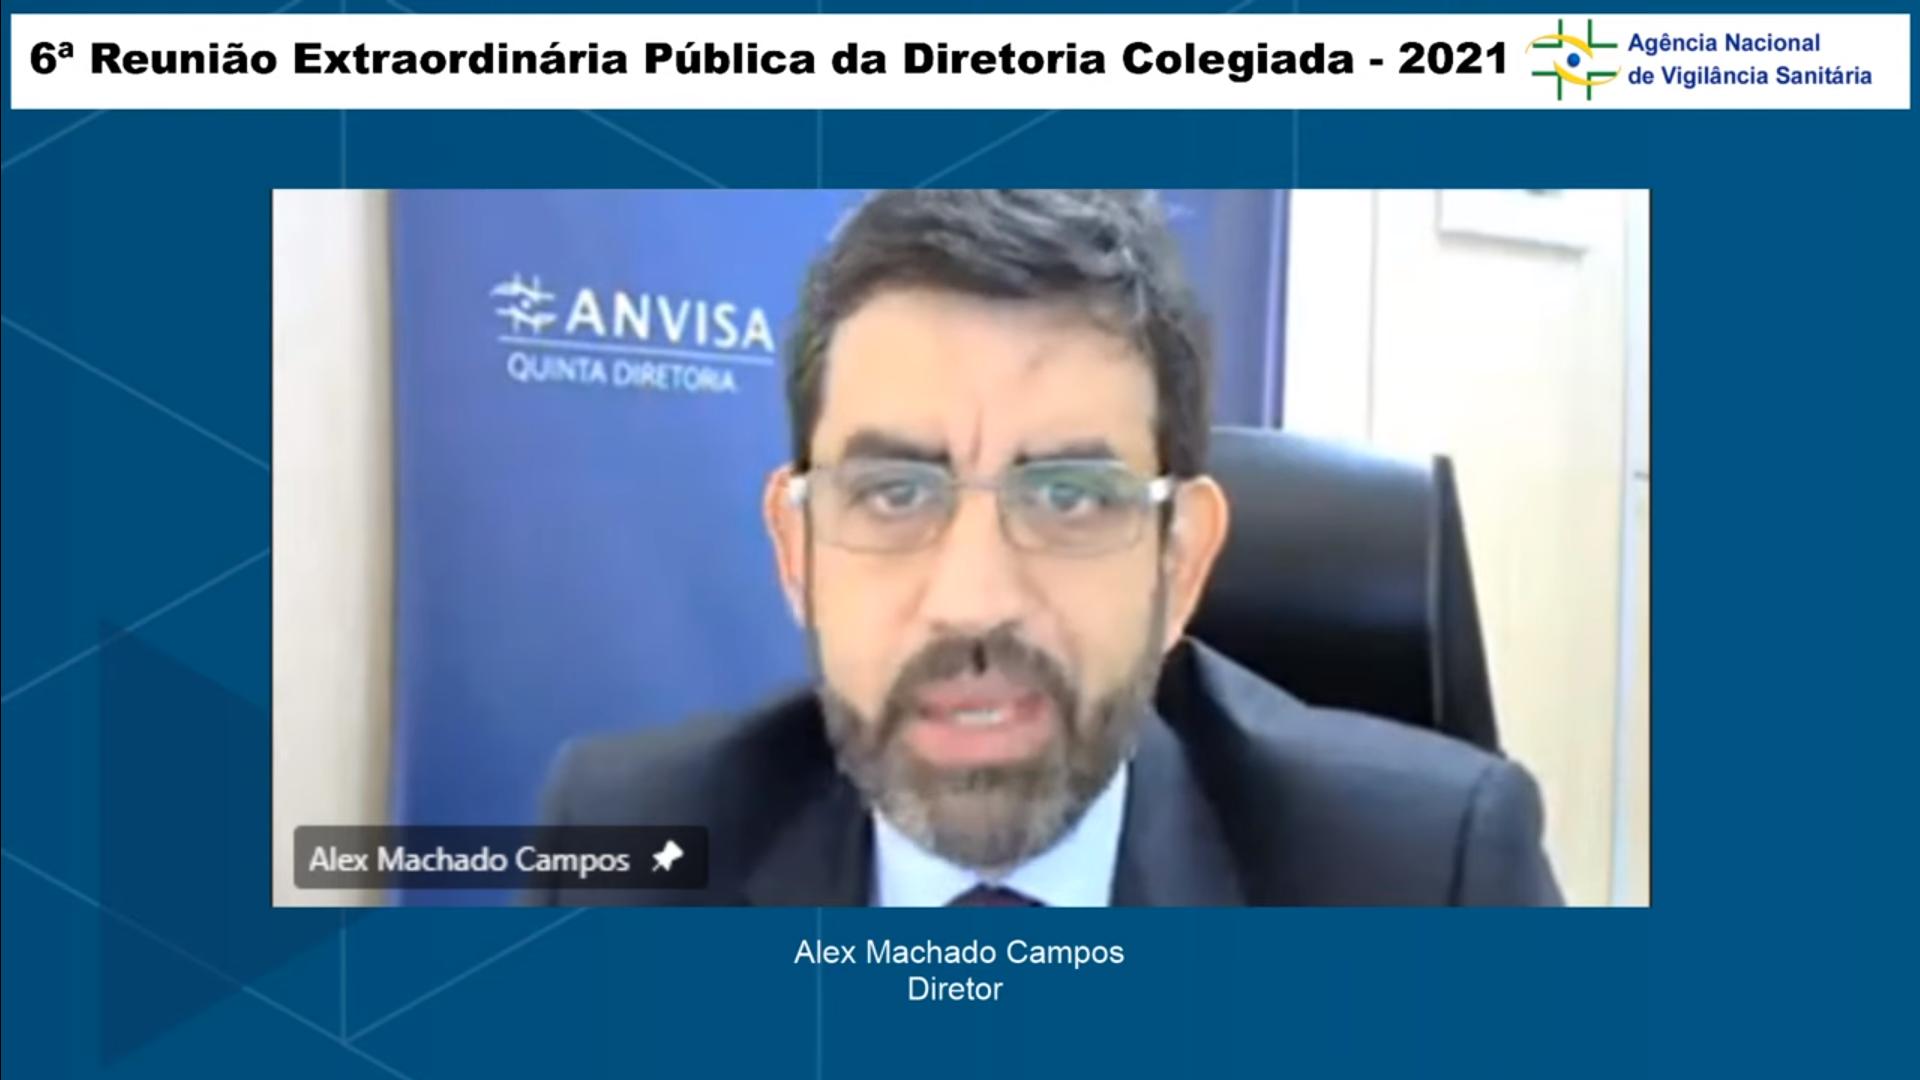 IMAGEM: Anvisa tem maioria para aprovar uso emergencial de coquetel de remédios contra Covid